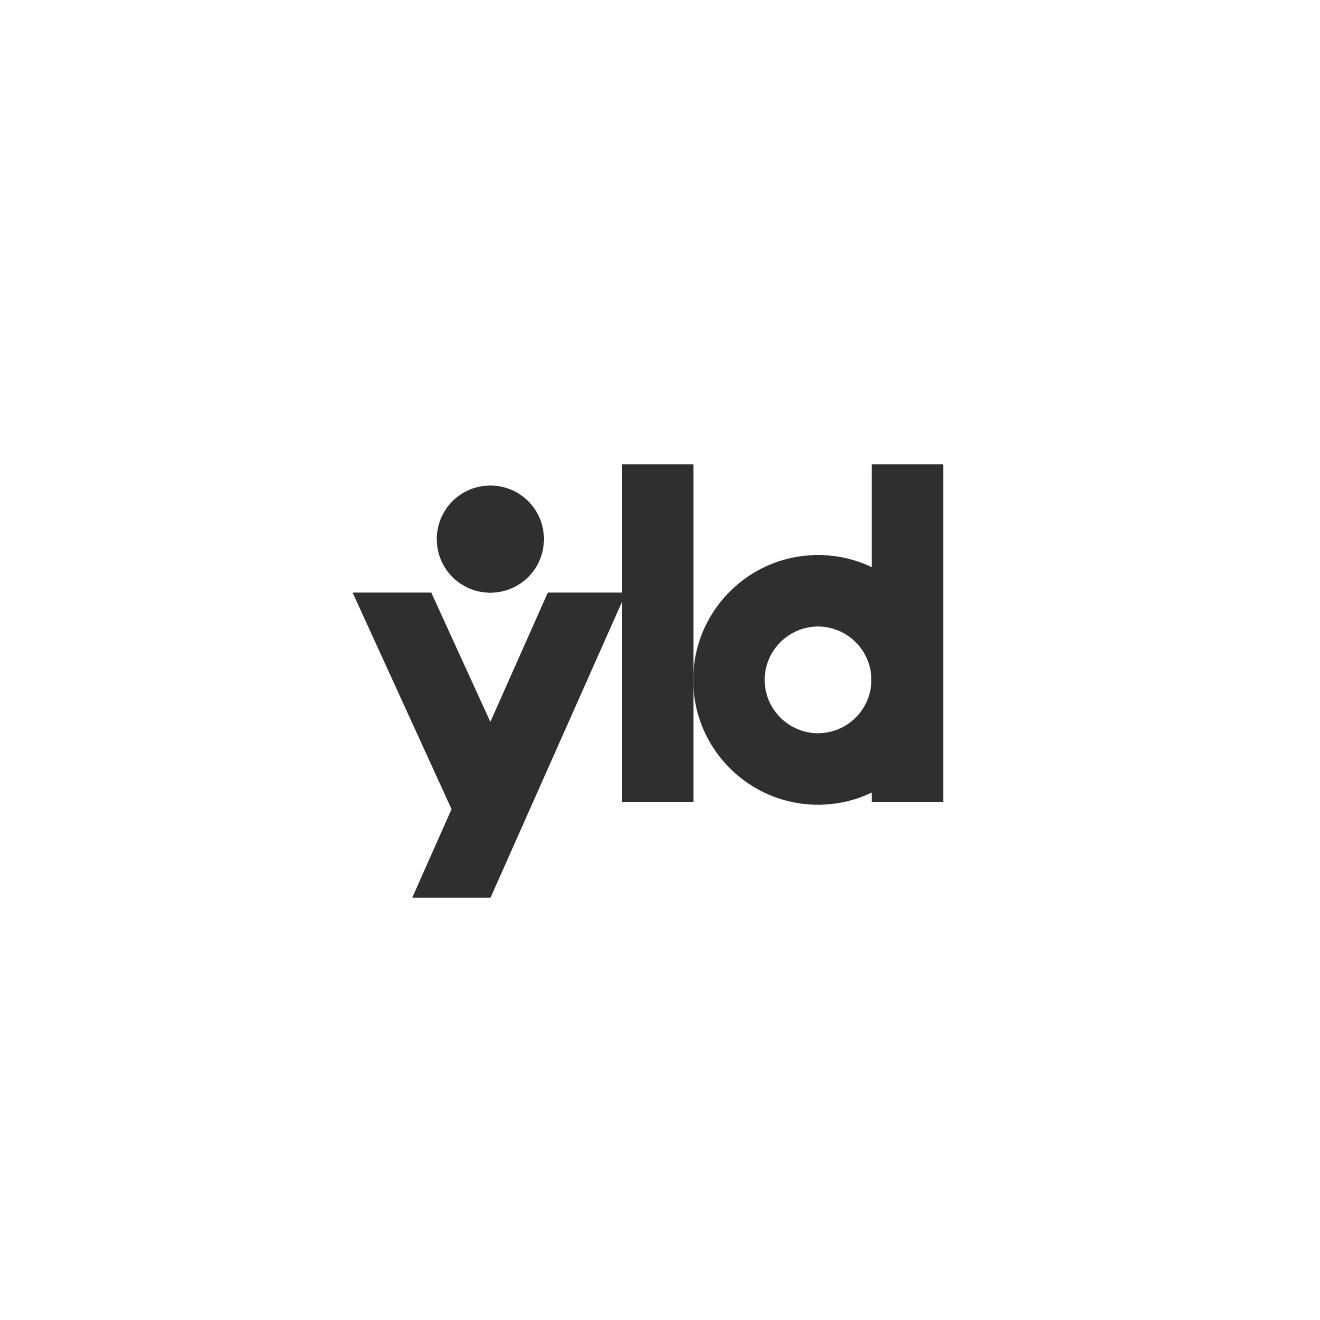 YLD+red+%406x.jpg